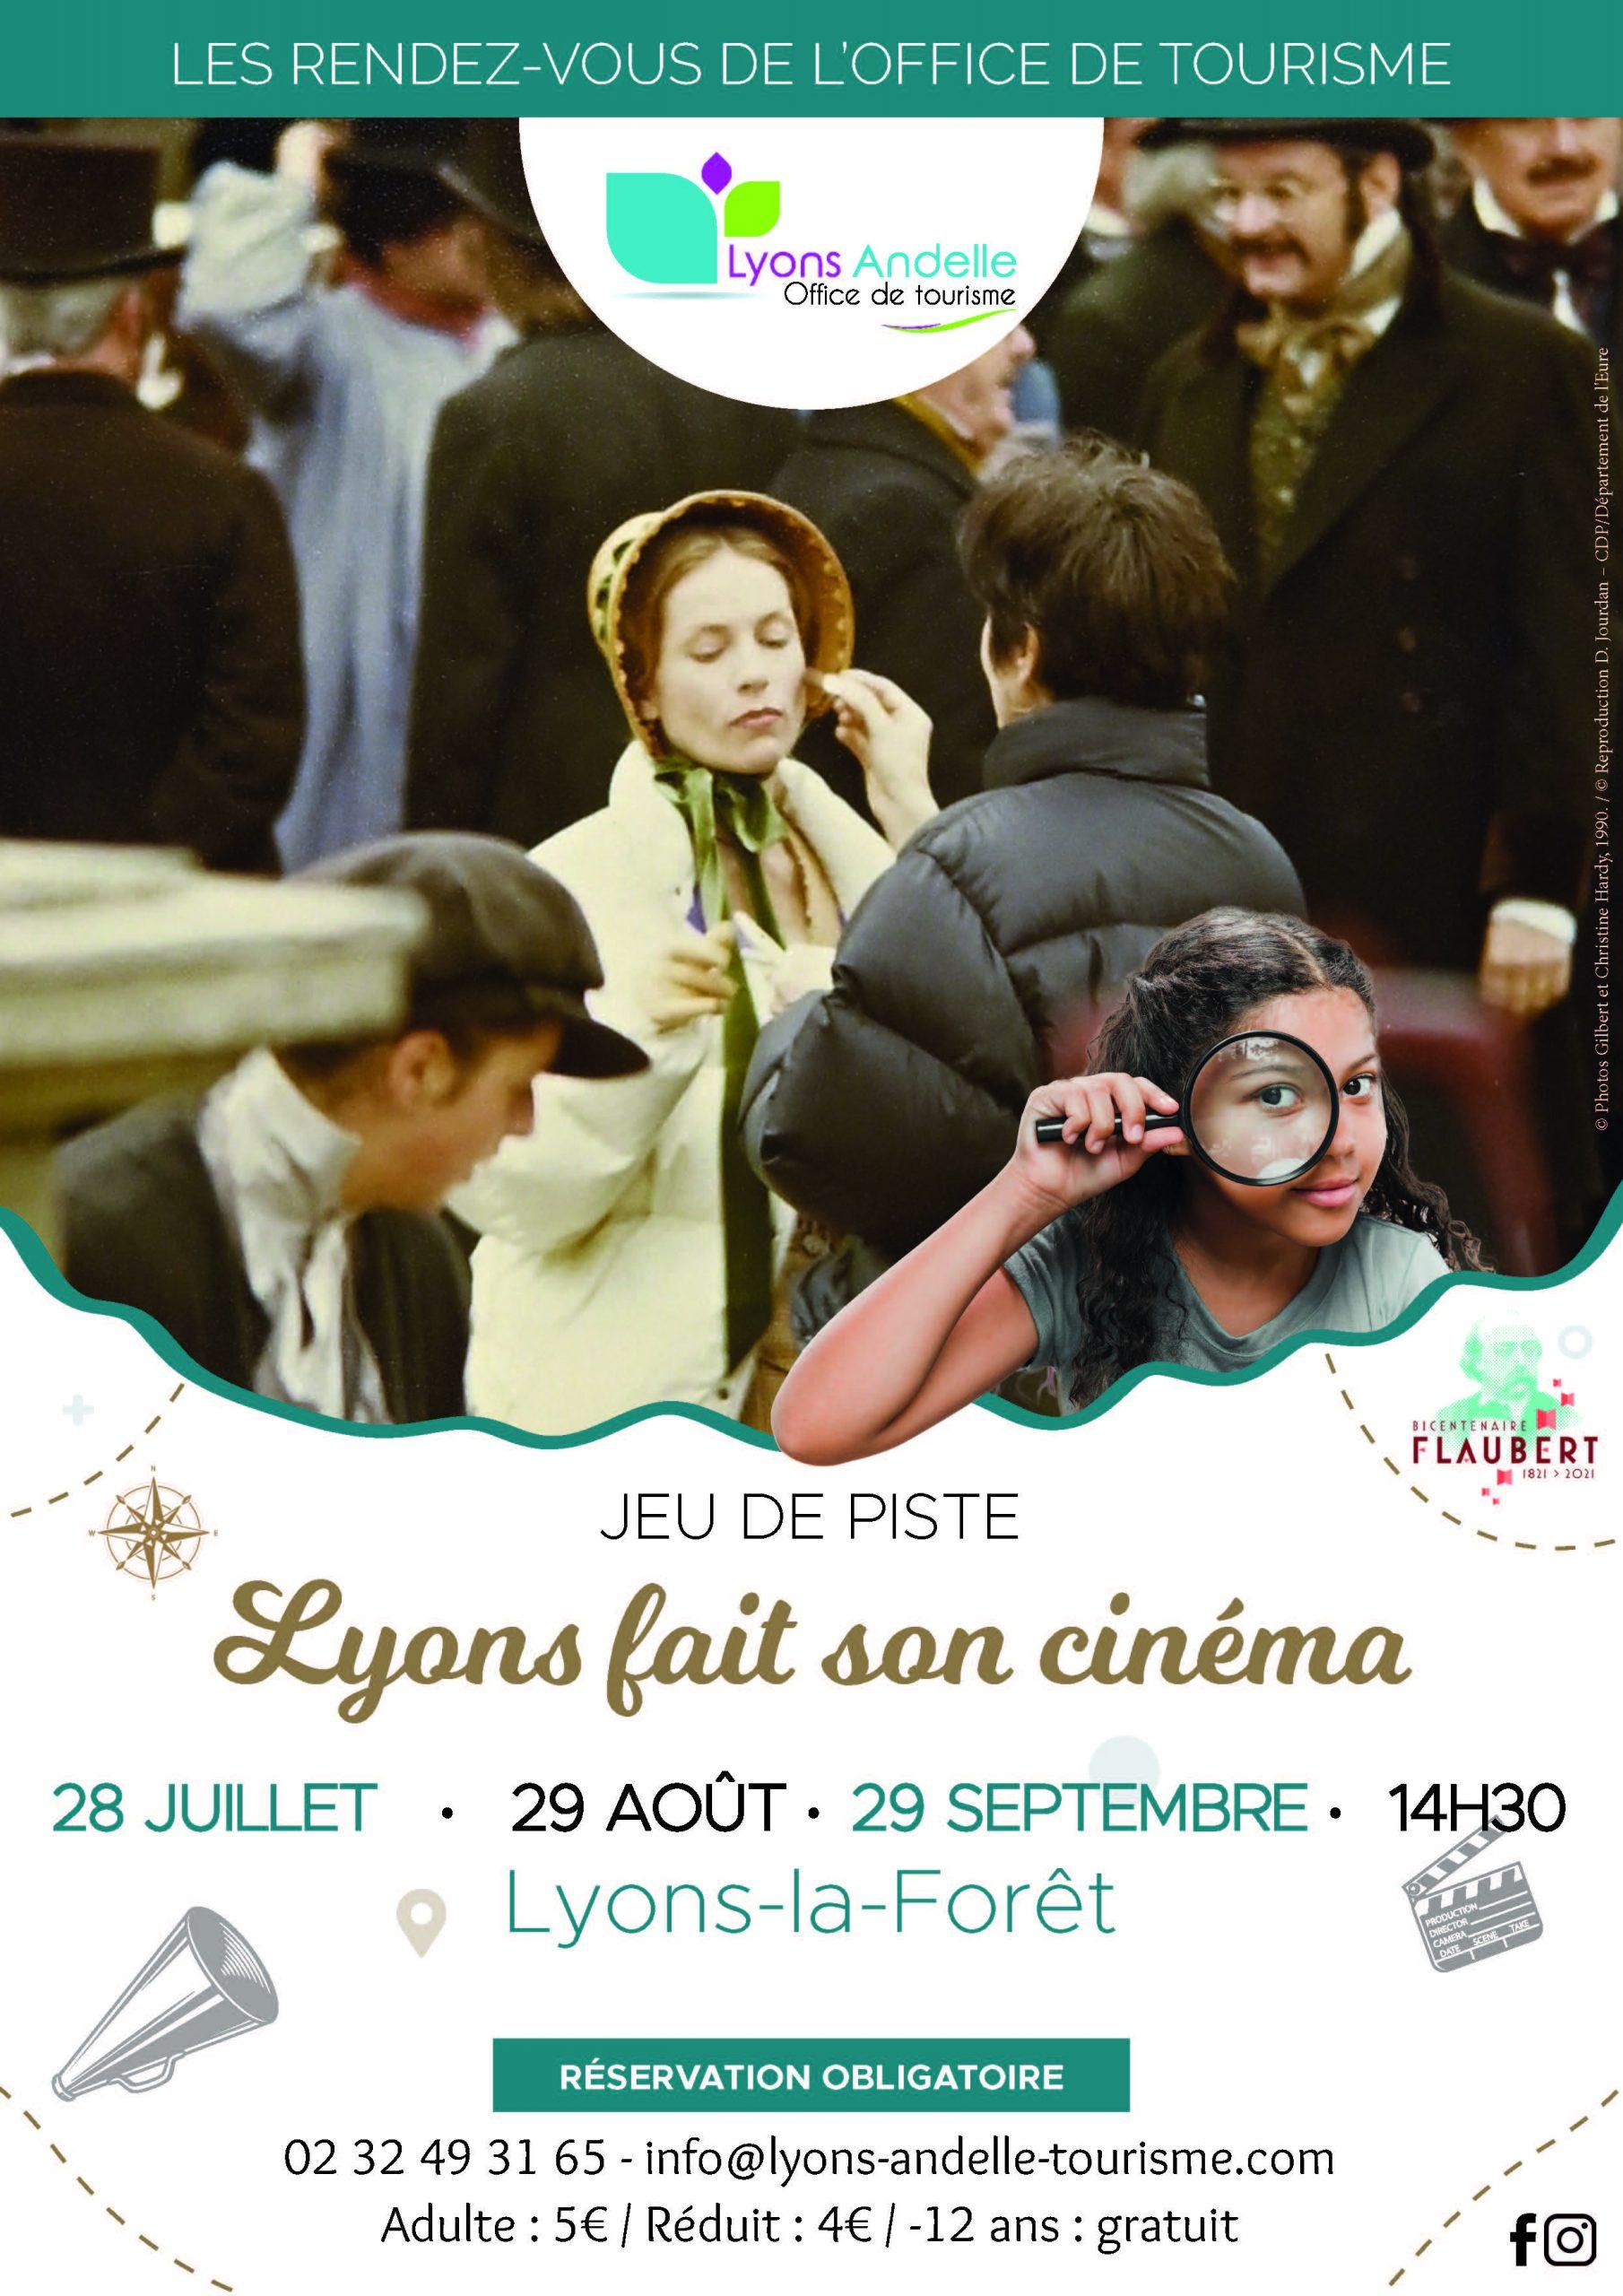 Affiche-Jeu-de-piste-Lyons-fait-son-cinema-2021-juillet-aout-3-scaled.jpg